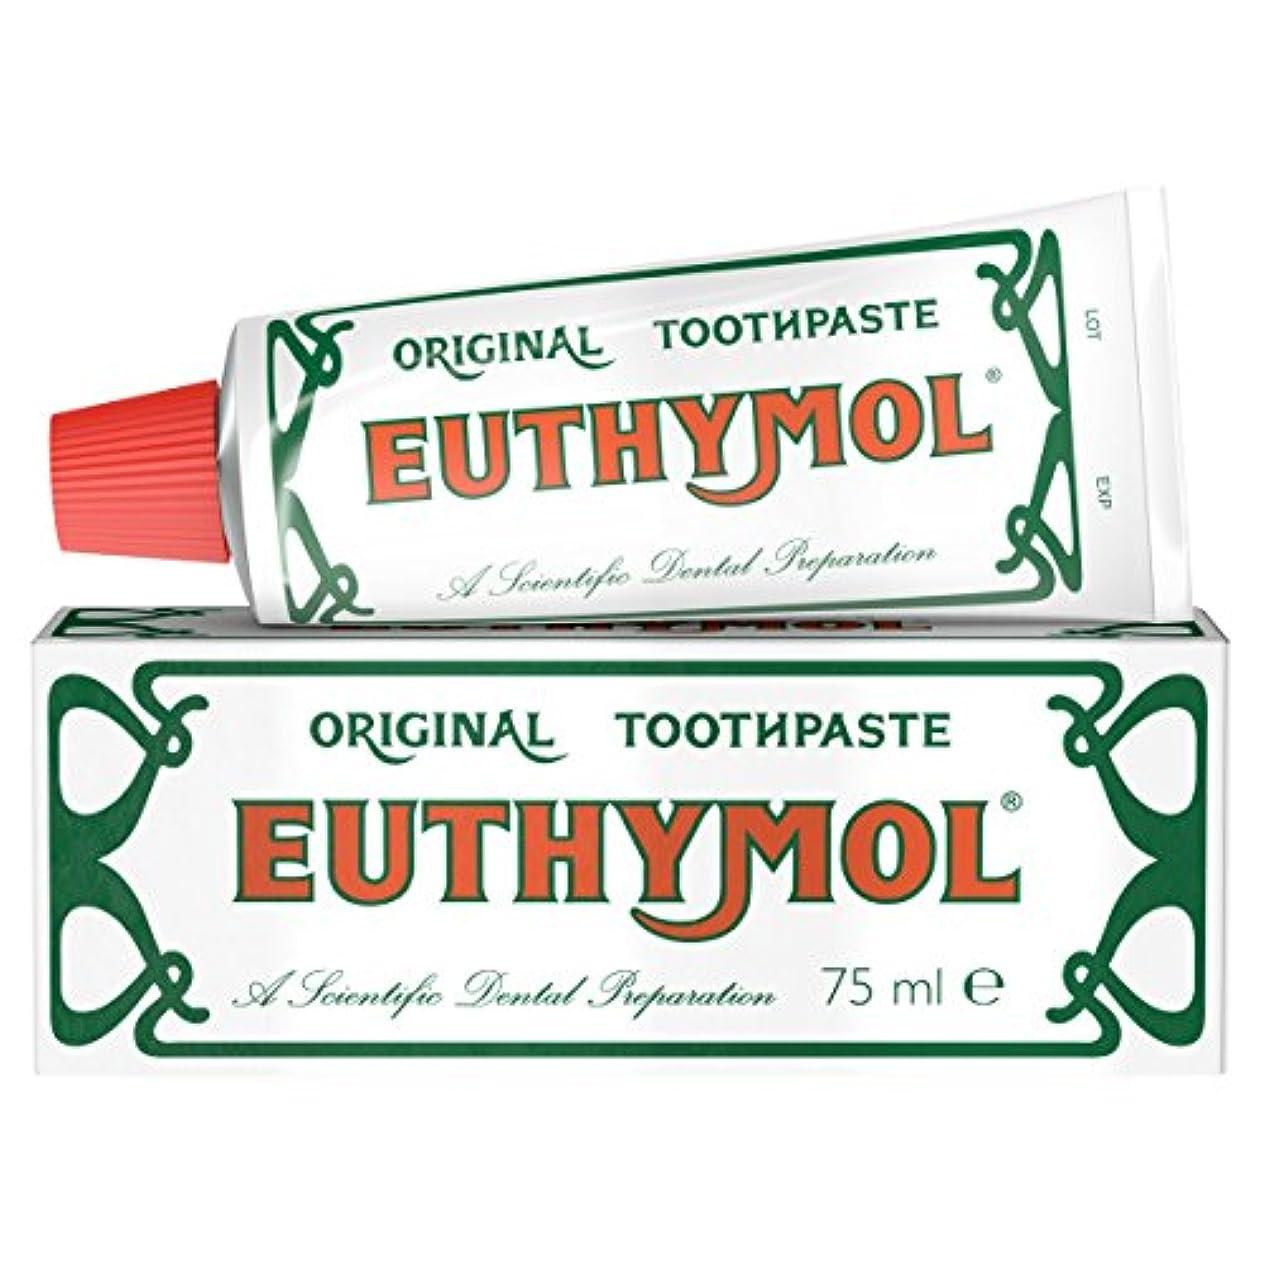 マルクス主義ビュッフェ三Euthymol オリジナル歯磨き粉 75ml 並行輸入品 Euthymol Original Toothpaste 75 Ml